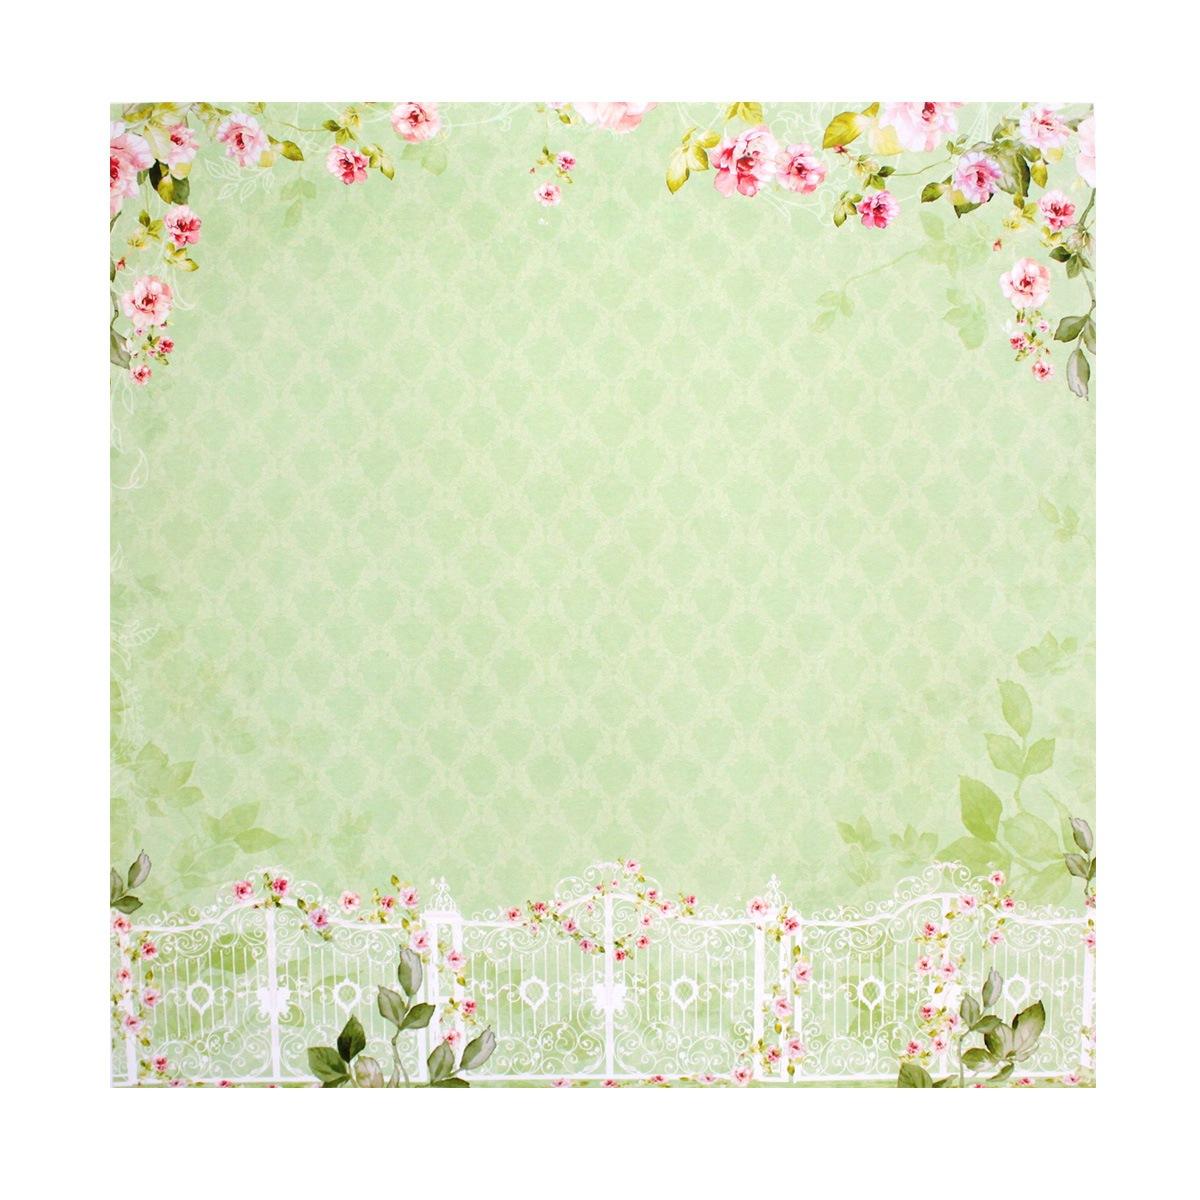 Бумага для скрапбукинга ScrapBerrys Цветущий сад. Розовый вьюн, 30,5 х 30,5 см, 10 листов. 497515497515